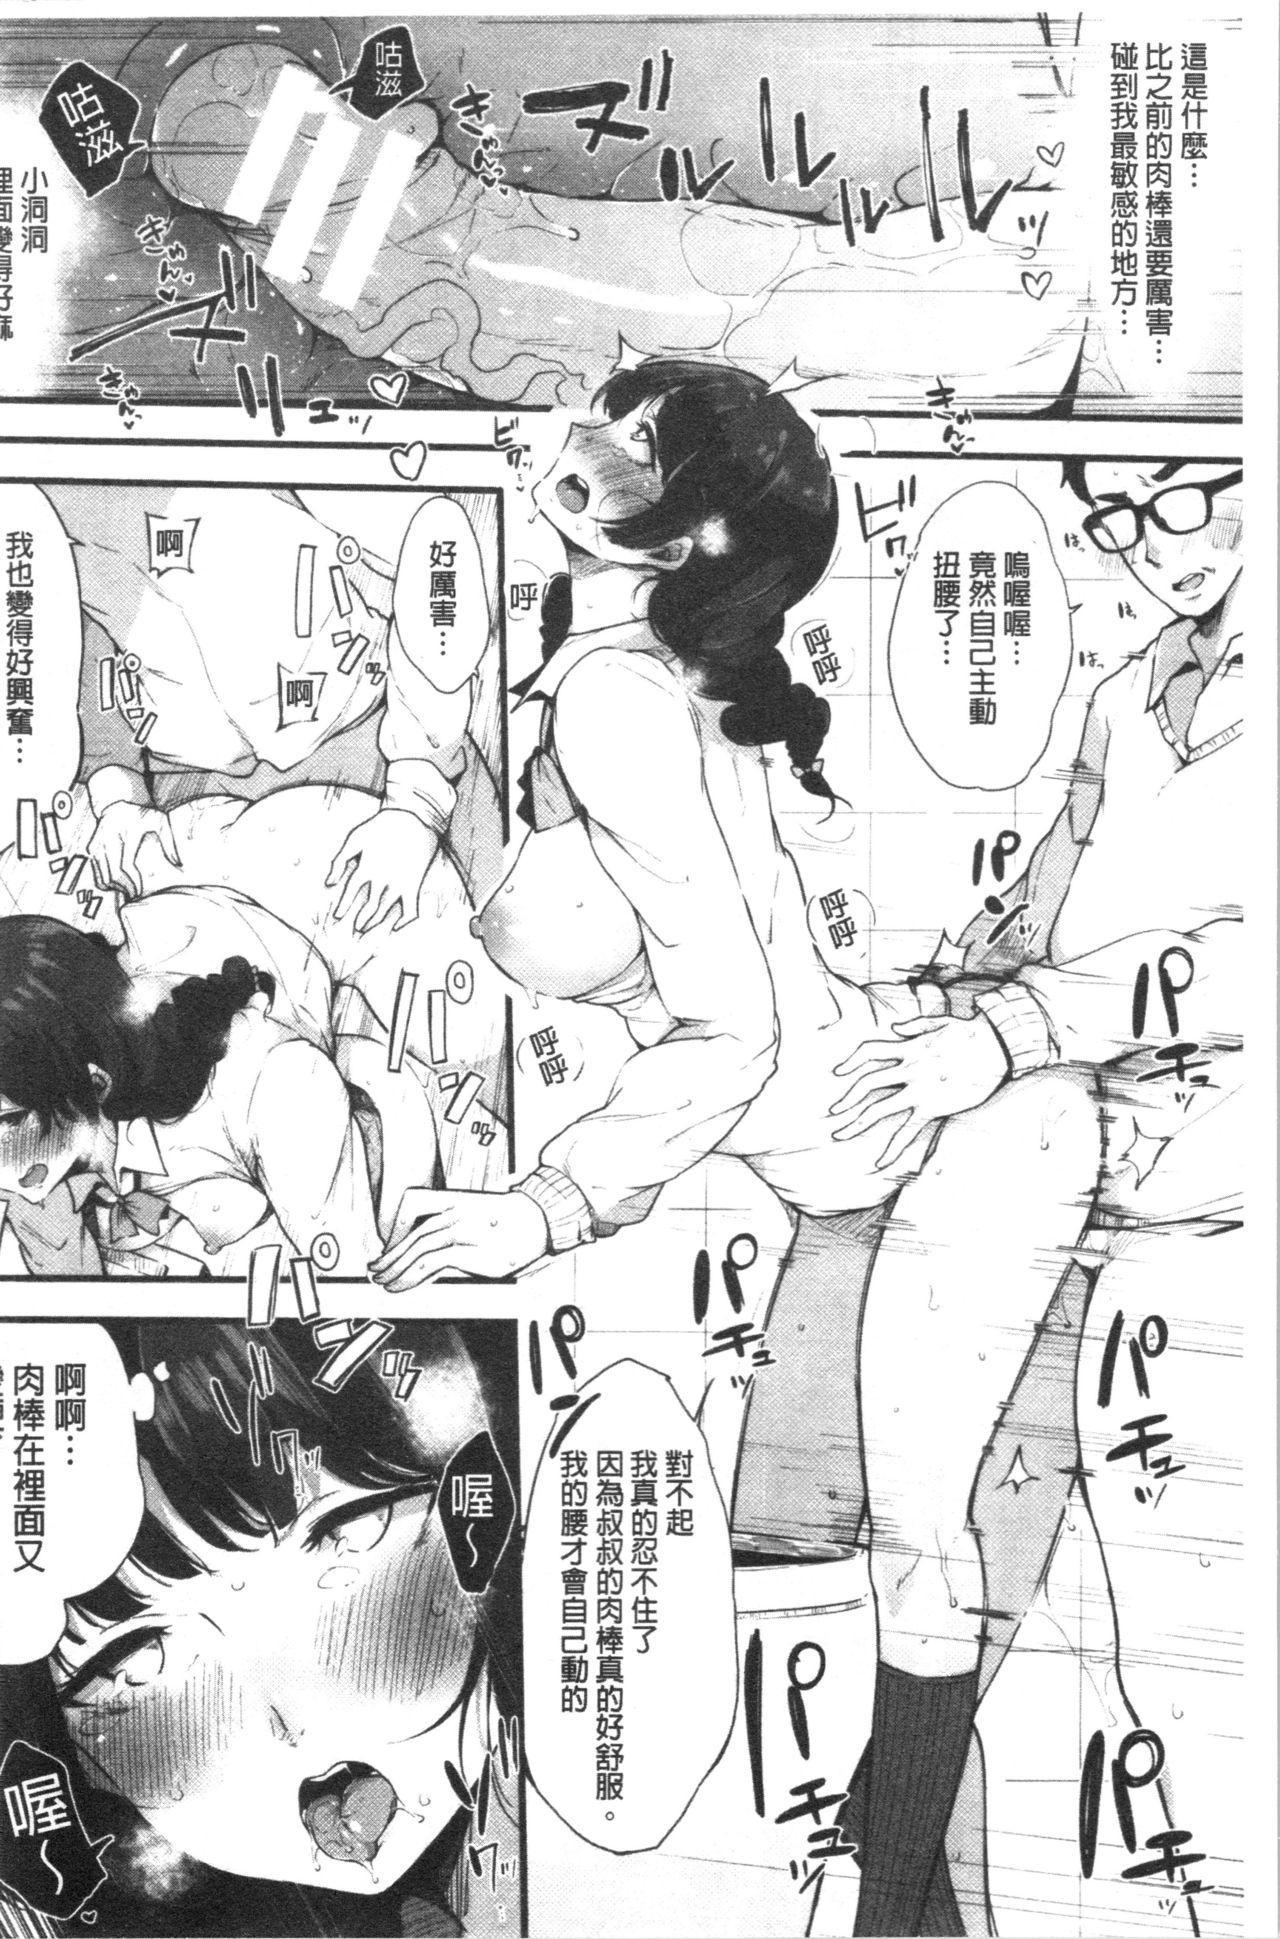 Hametomo Onna Tomodachi ga SeFri-ka shita Hi | 性愛砲友 女友們都變砲友化的日子 103